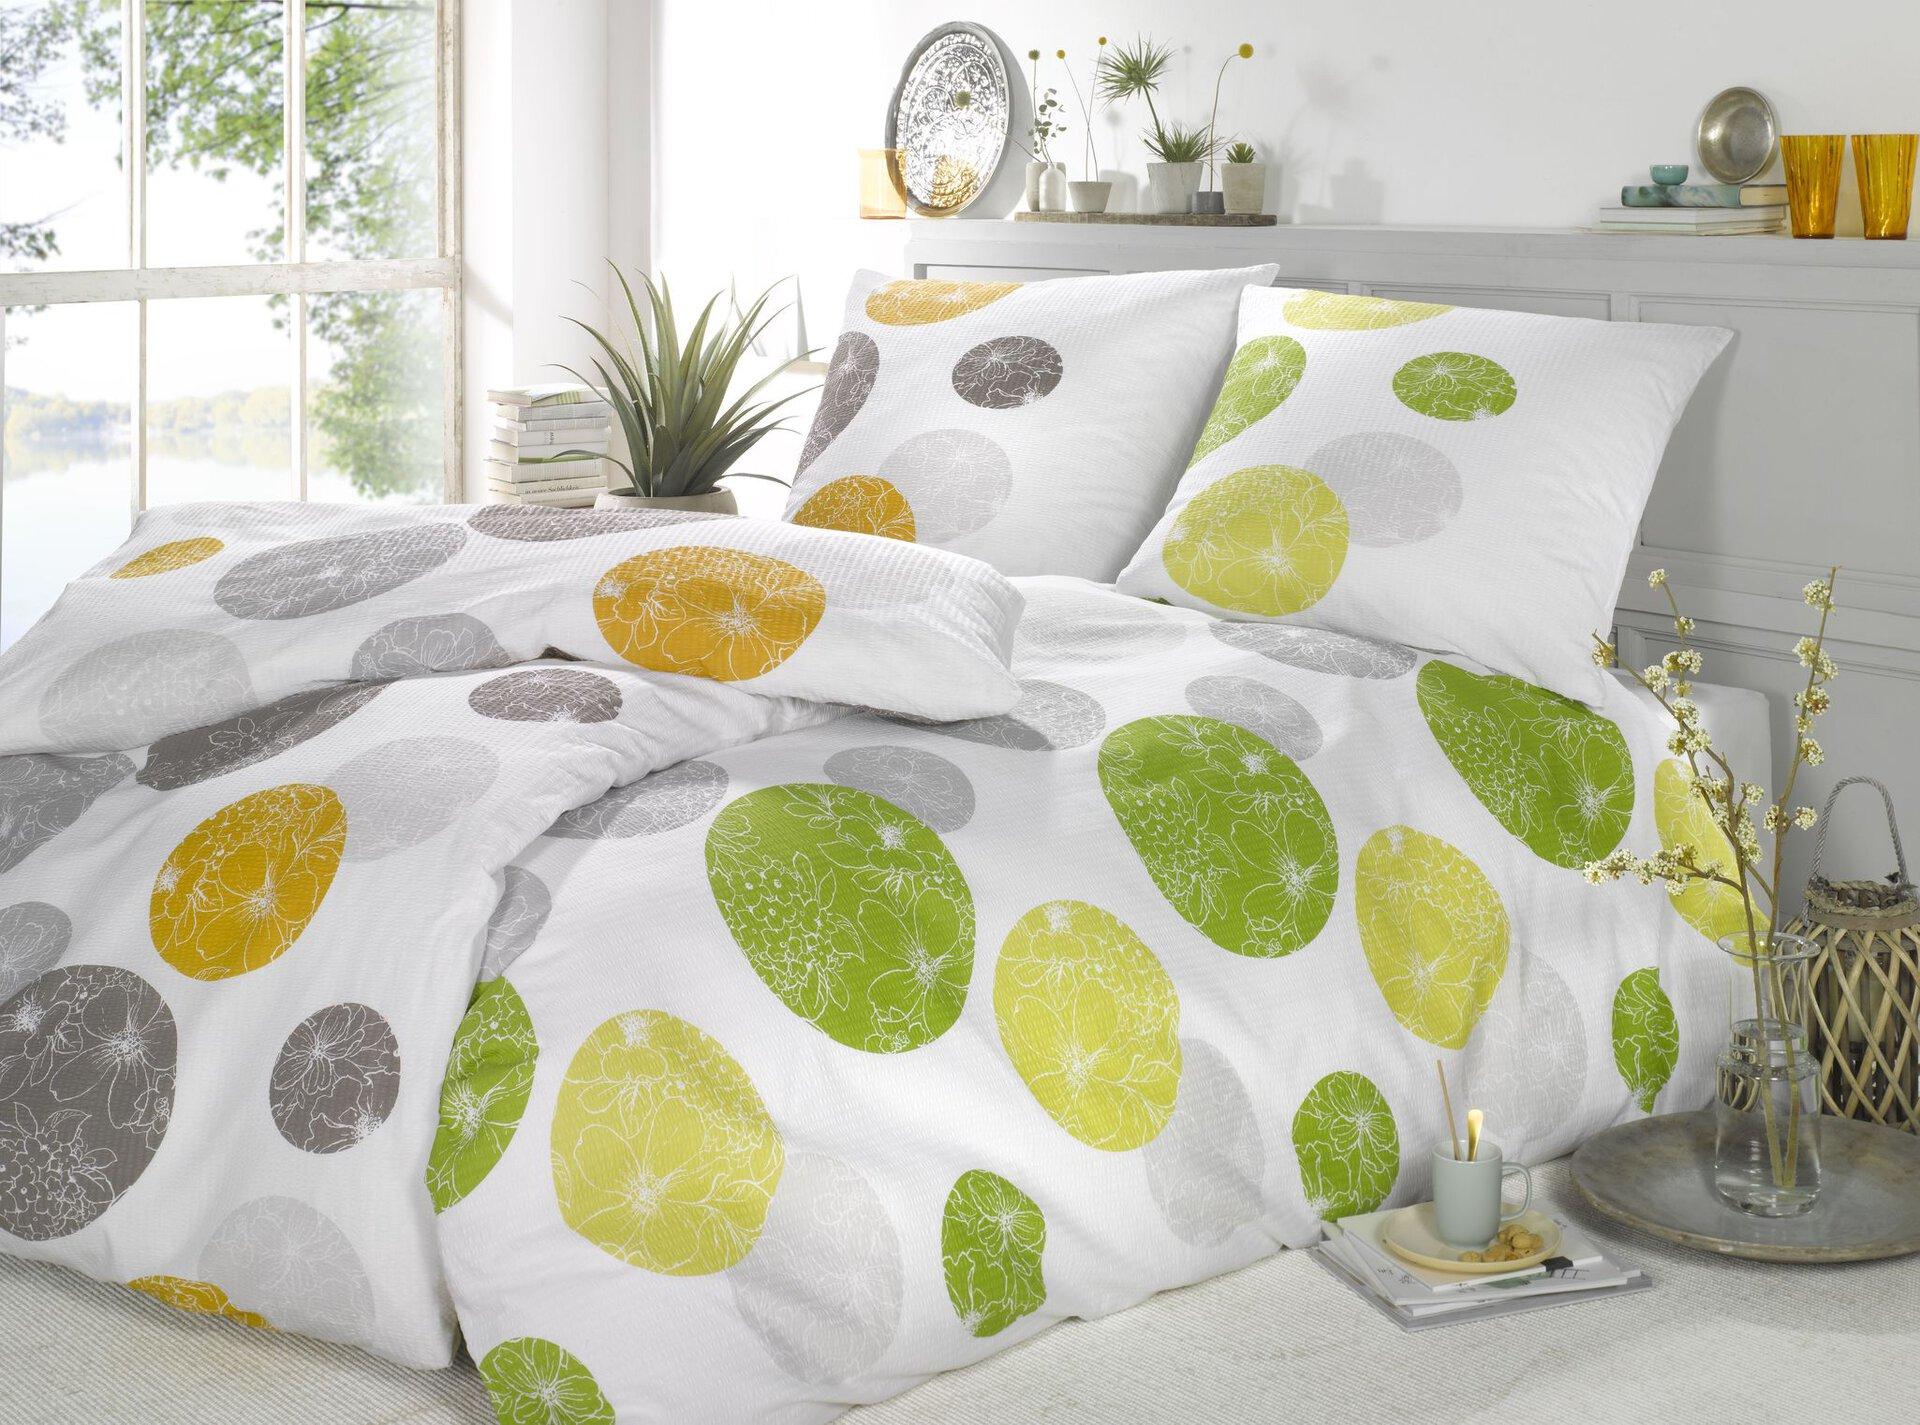 Seersucker-Bettwäsche Punkte Casa Nova Textil mehrfarbig 135 x 200 cm